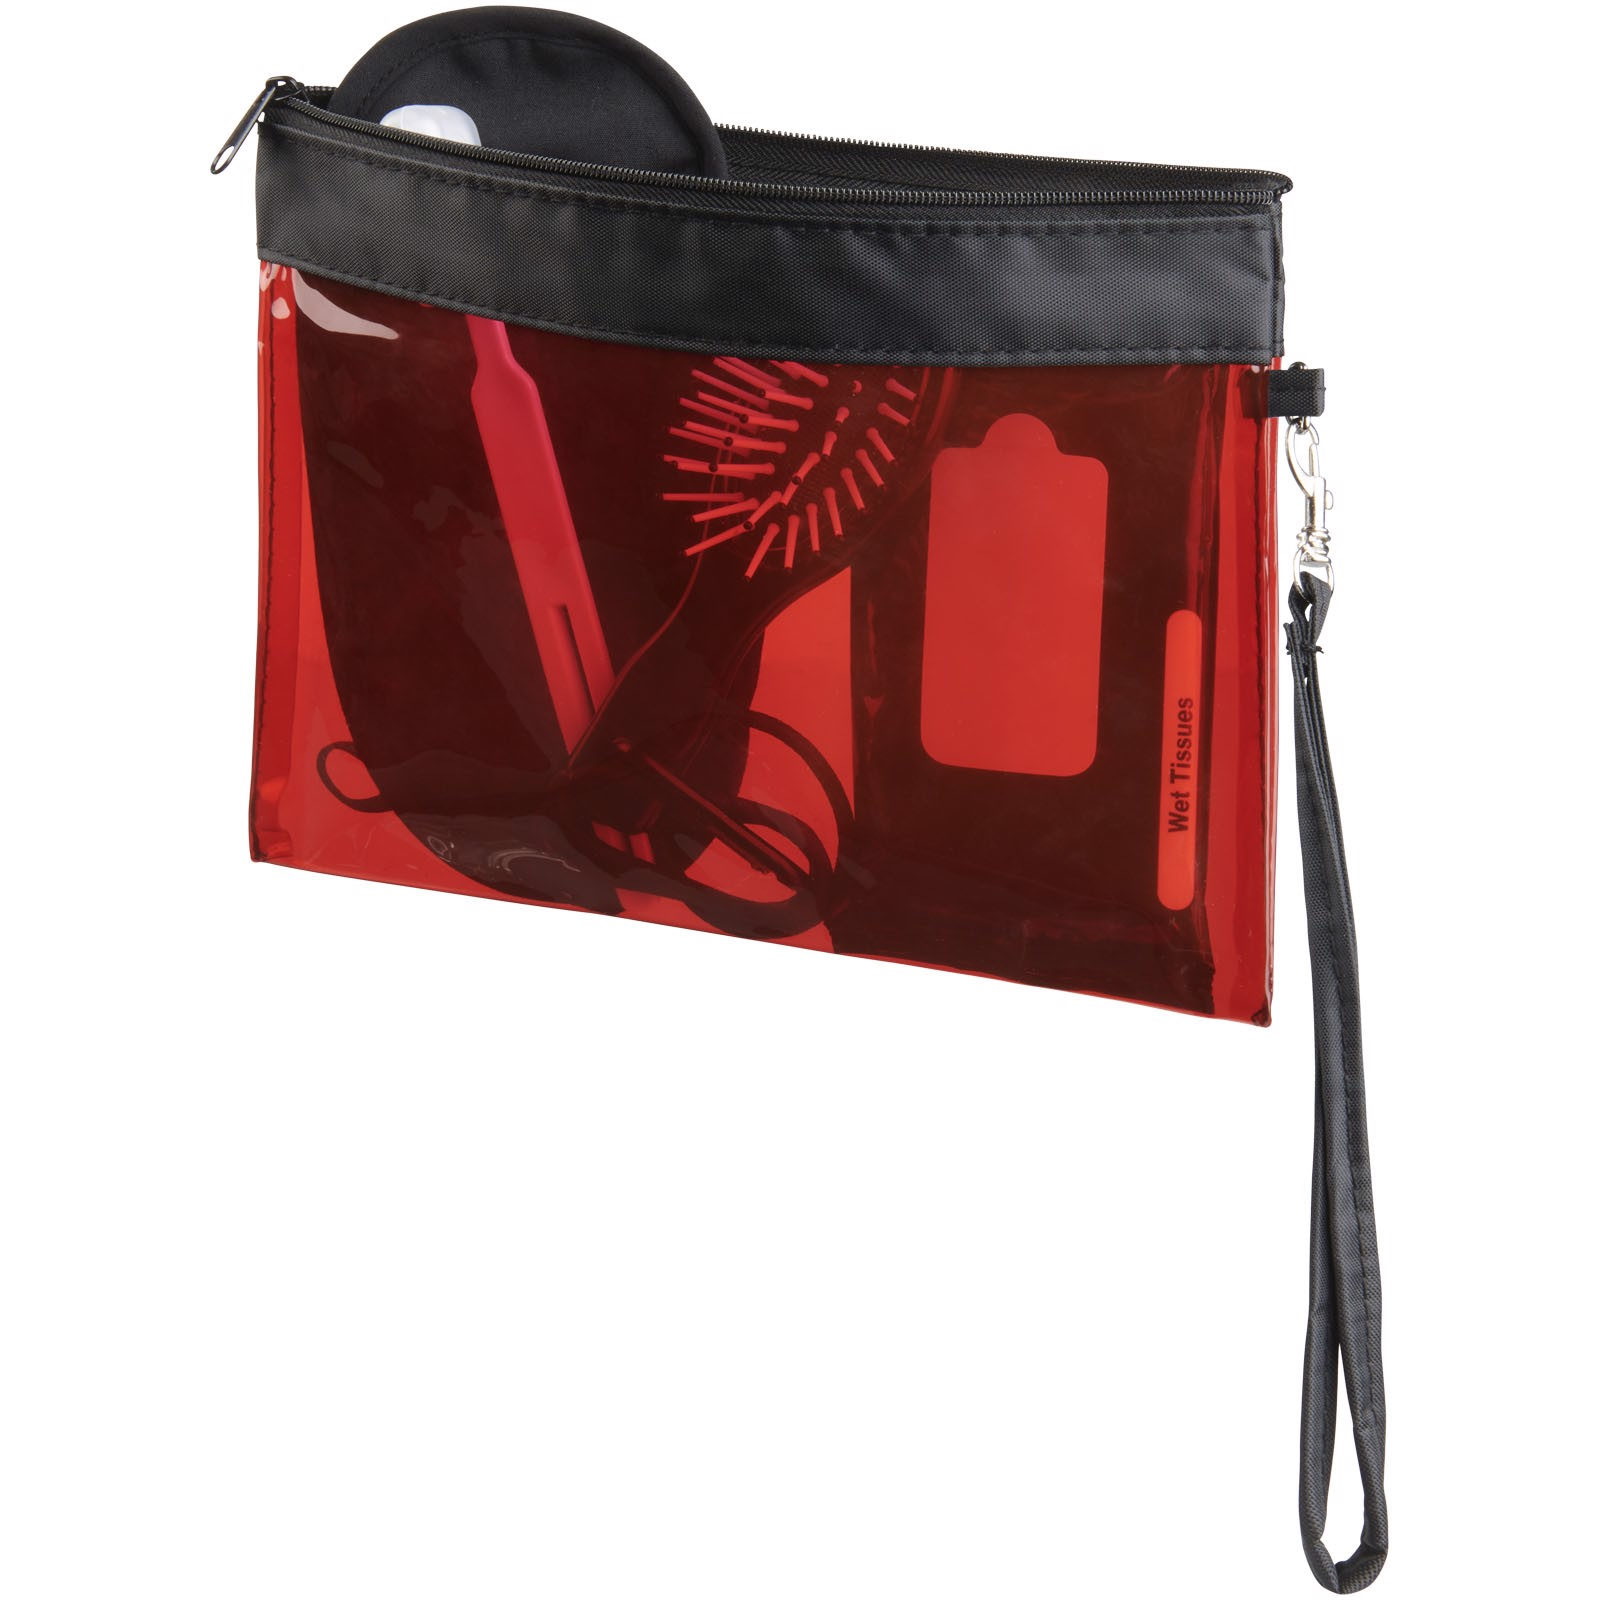 Průhledná cestovní taštička Sid - Transparentní červená